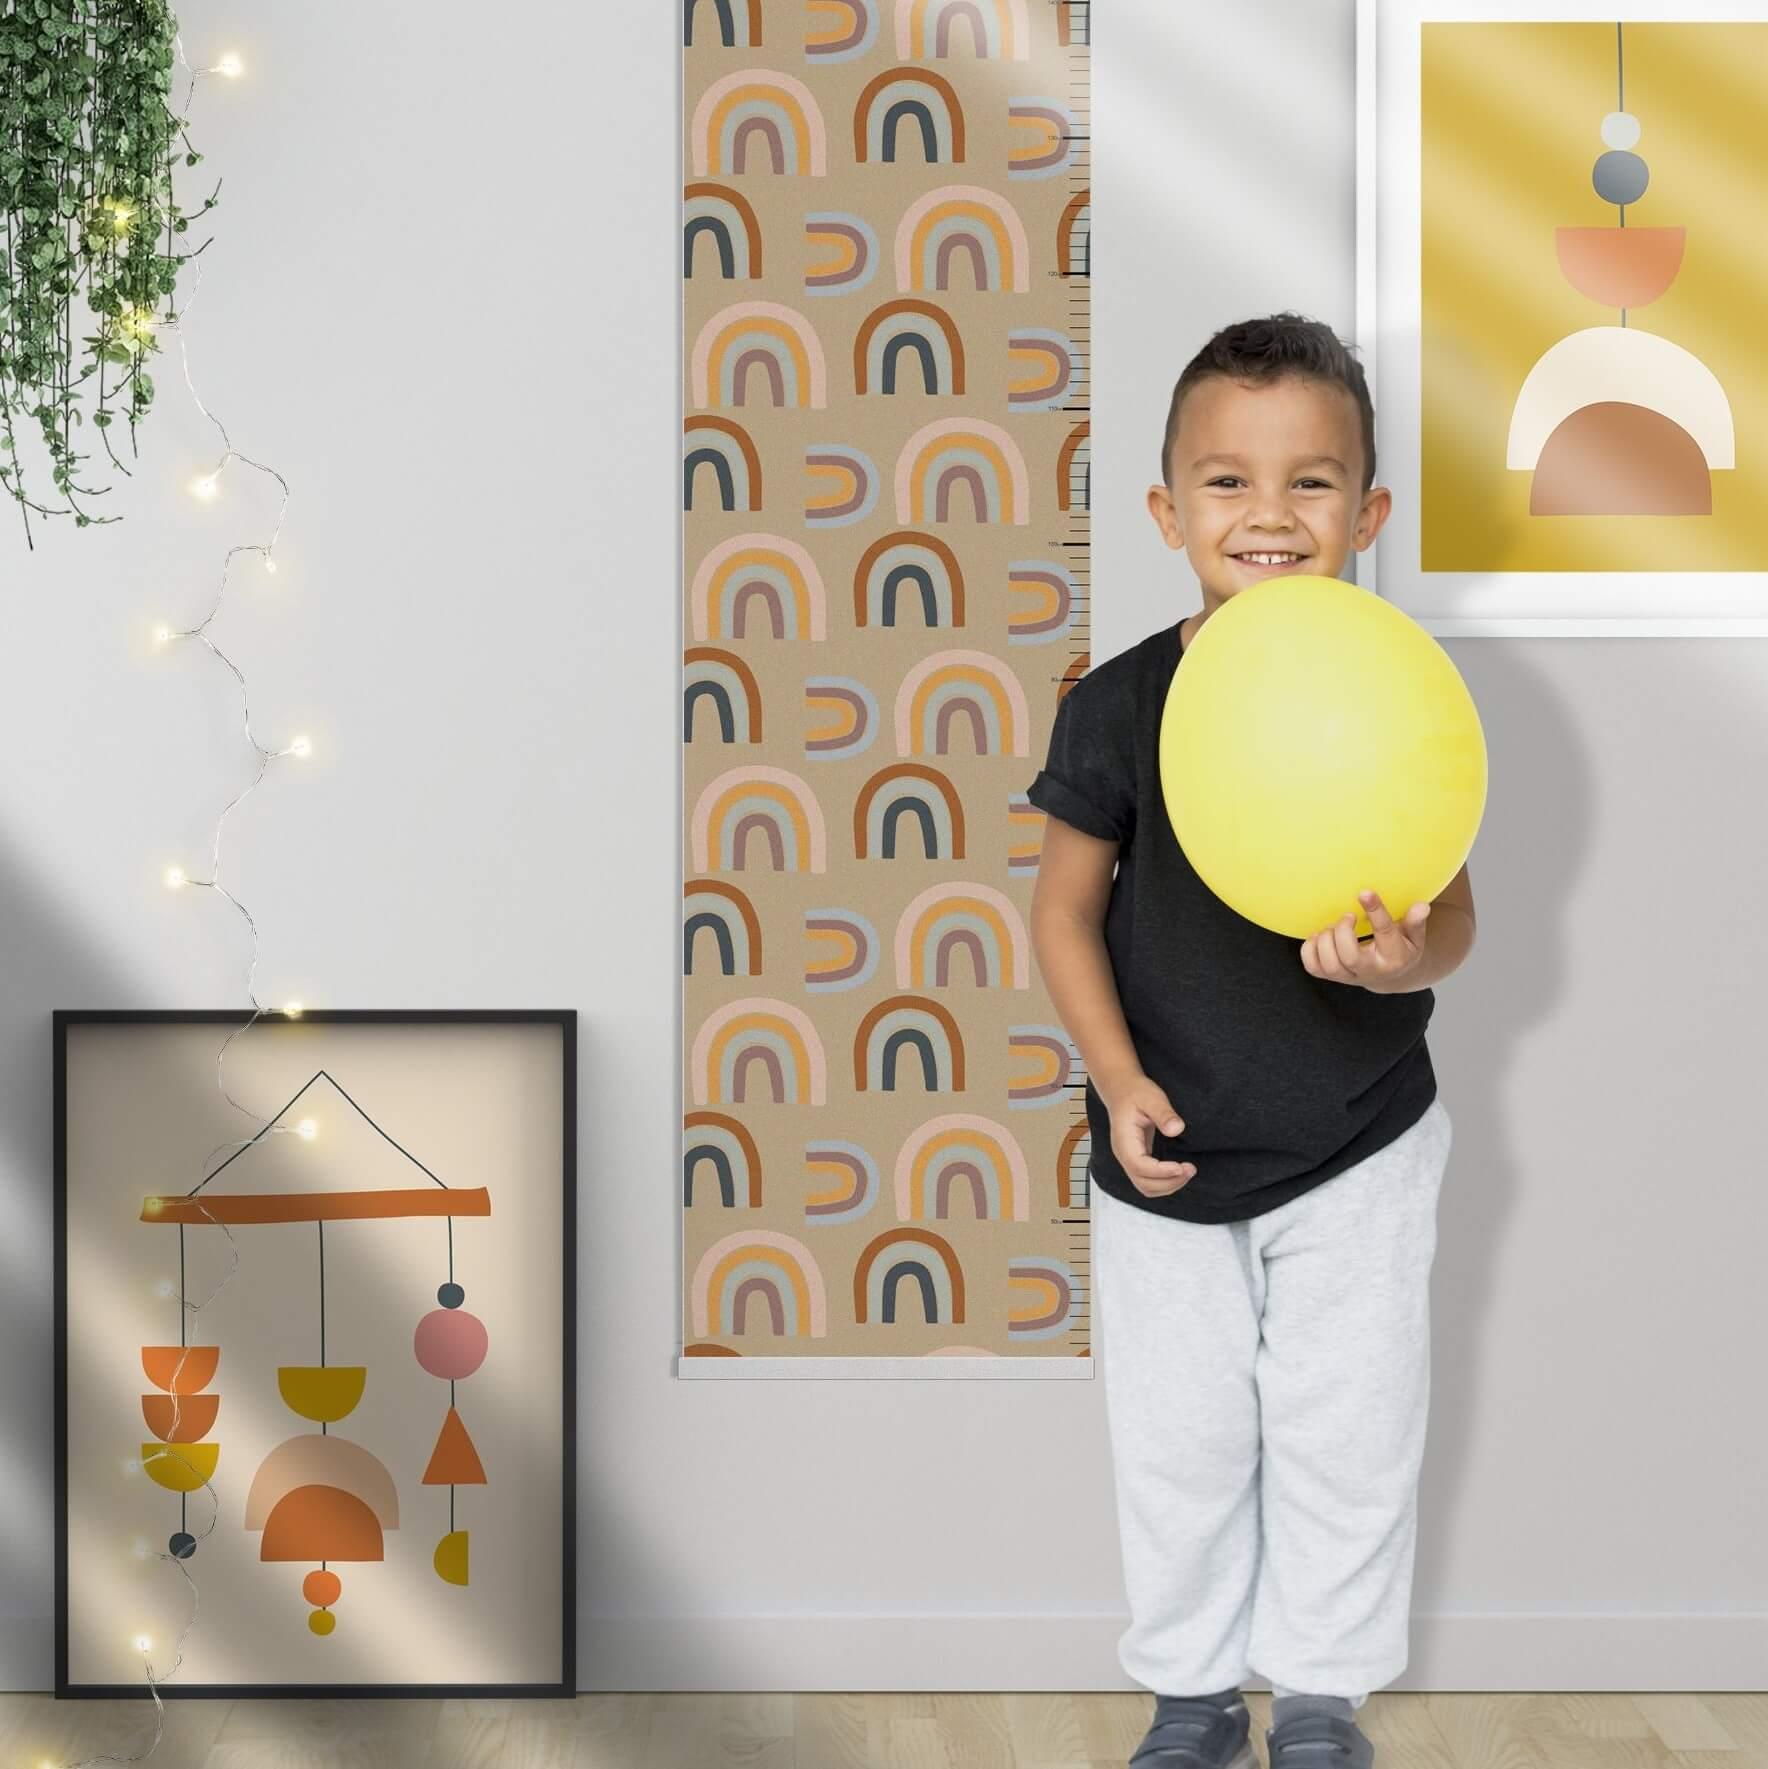 מד גובה לחדר ילדים דגם קשתות בגוון אדמה